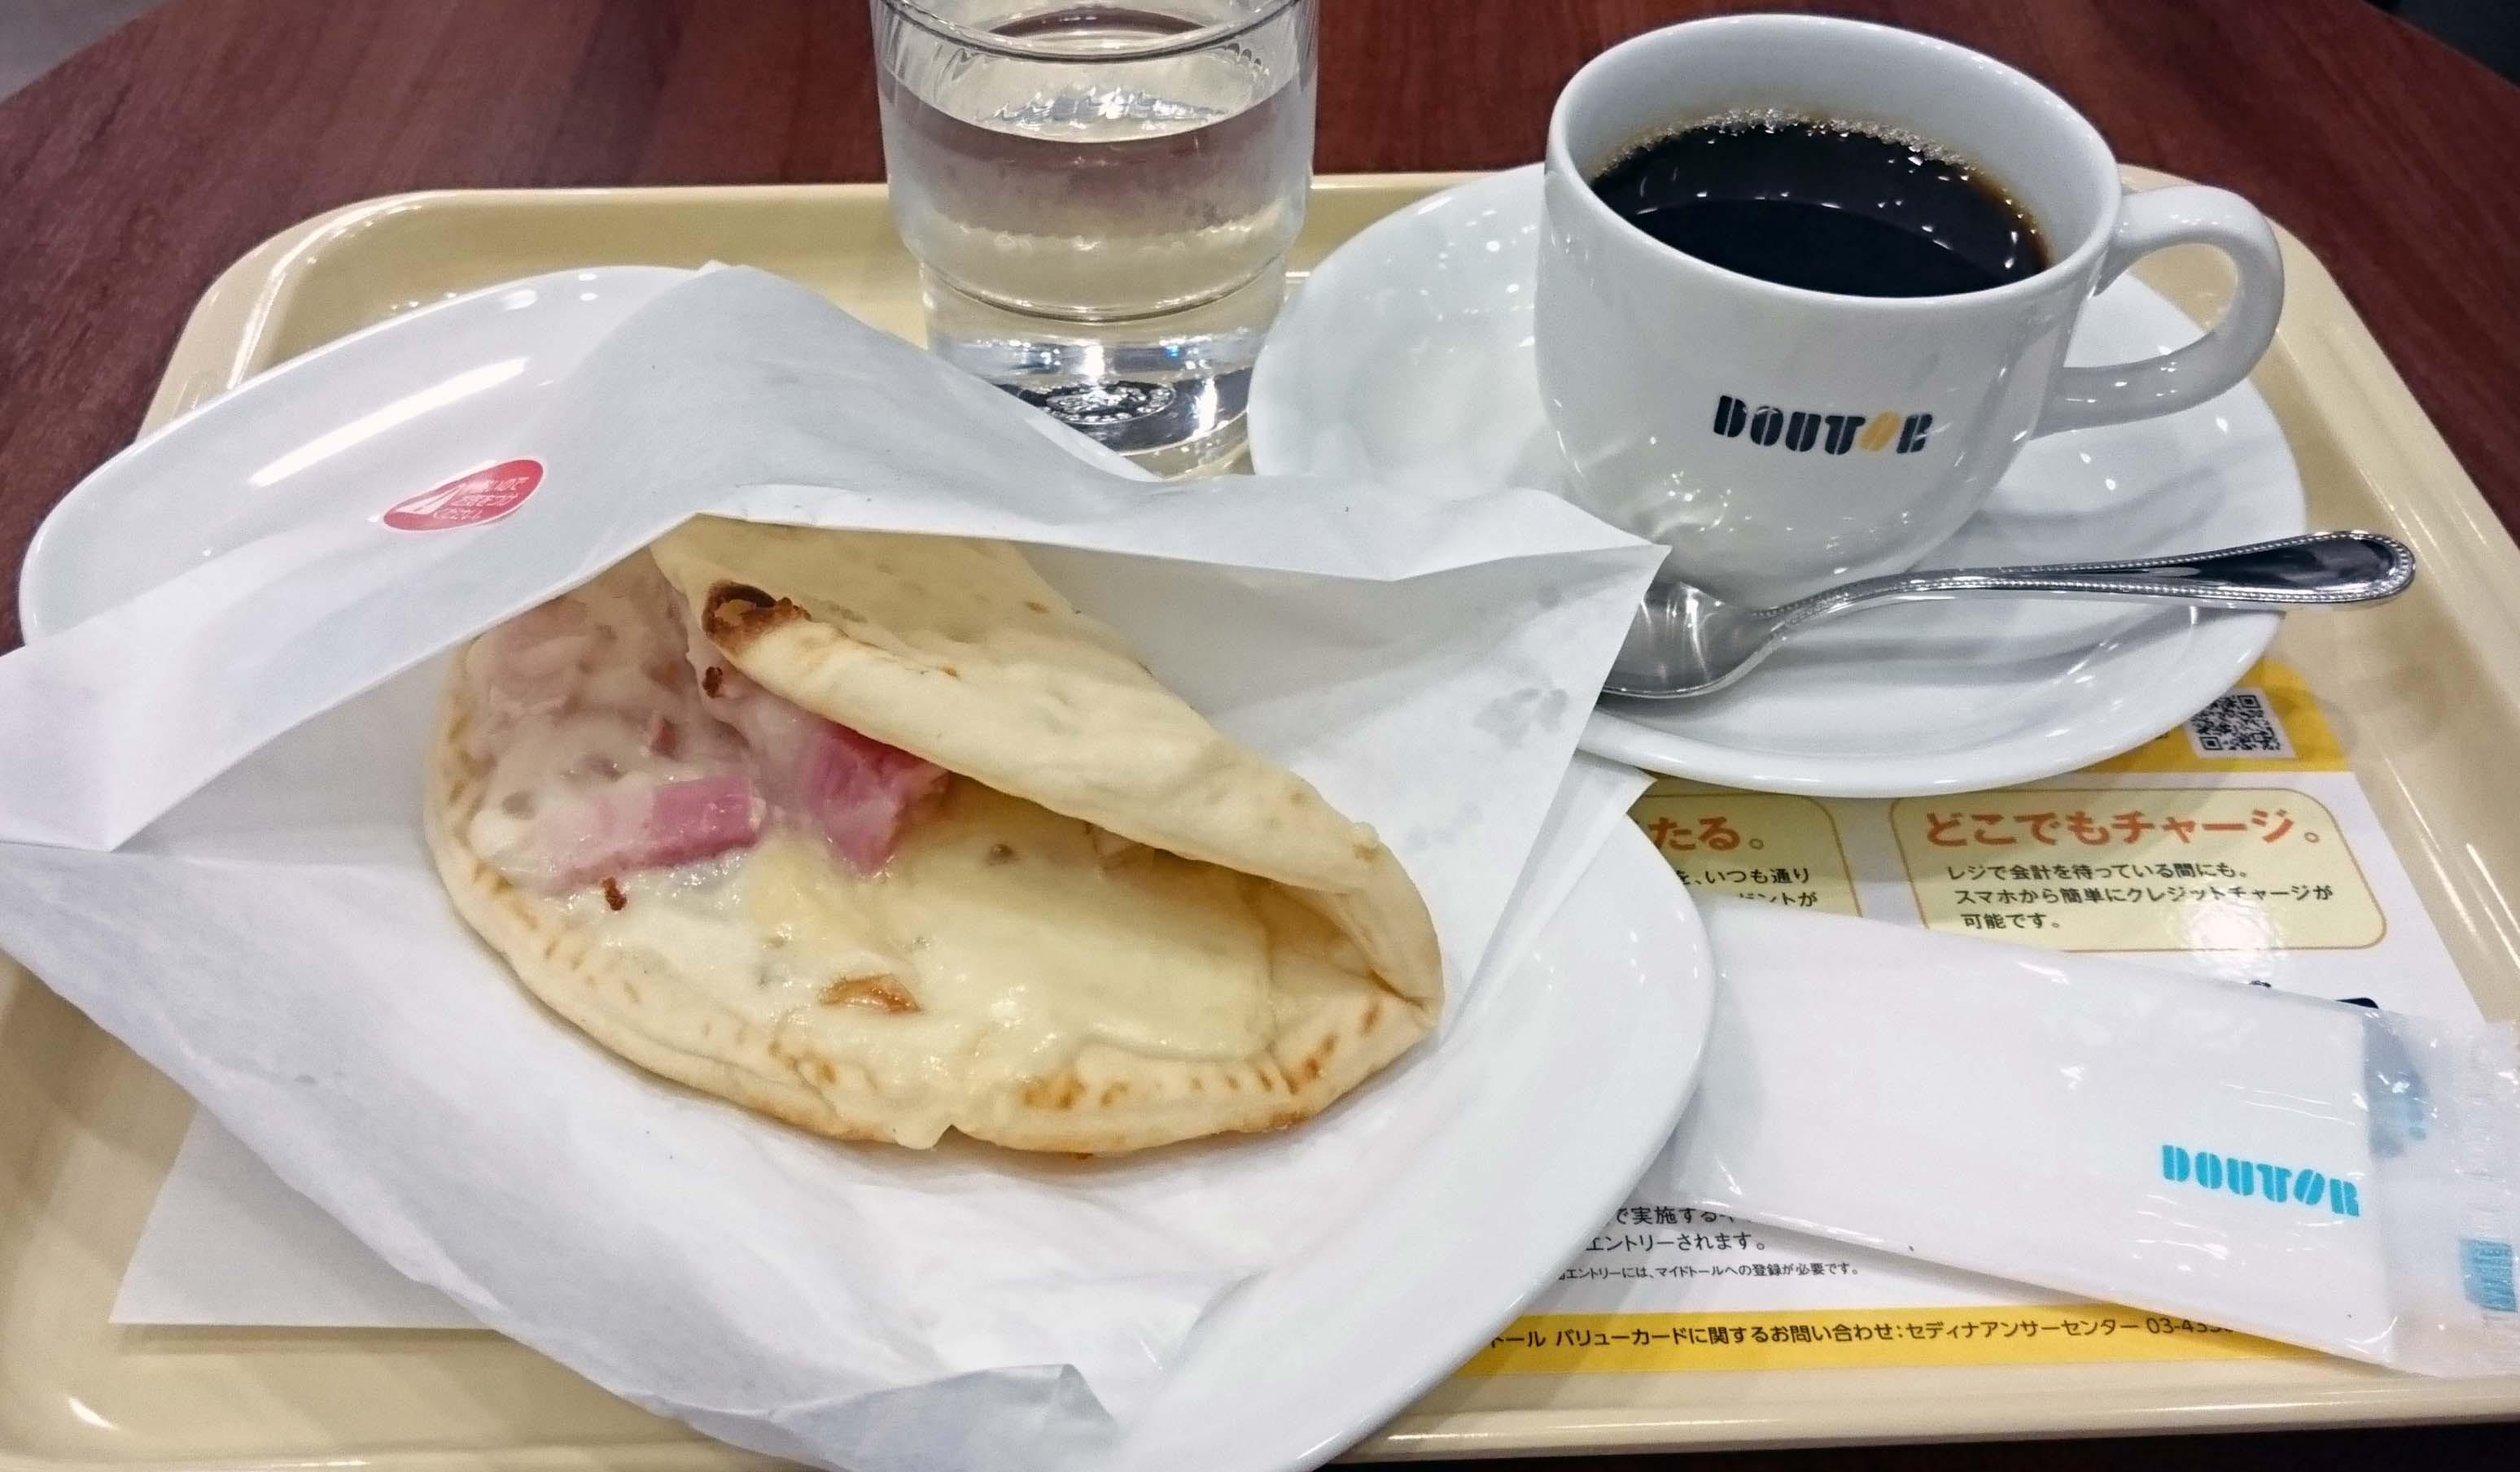 ドトールコーヒーショップ JR尼崎駅南口店